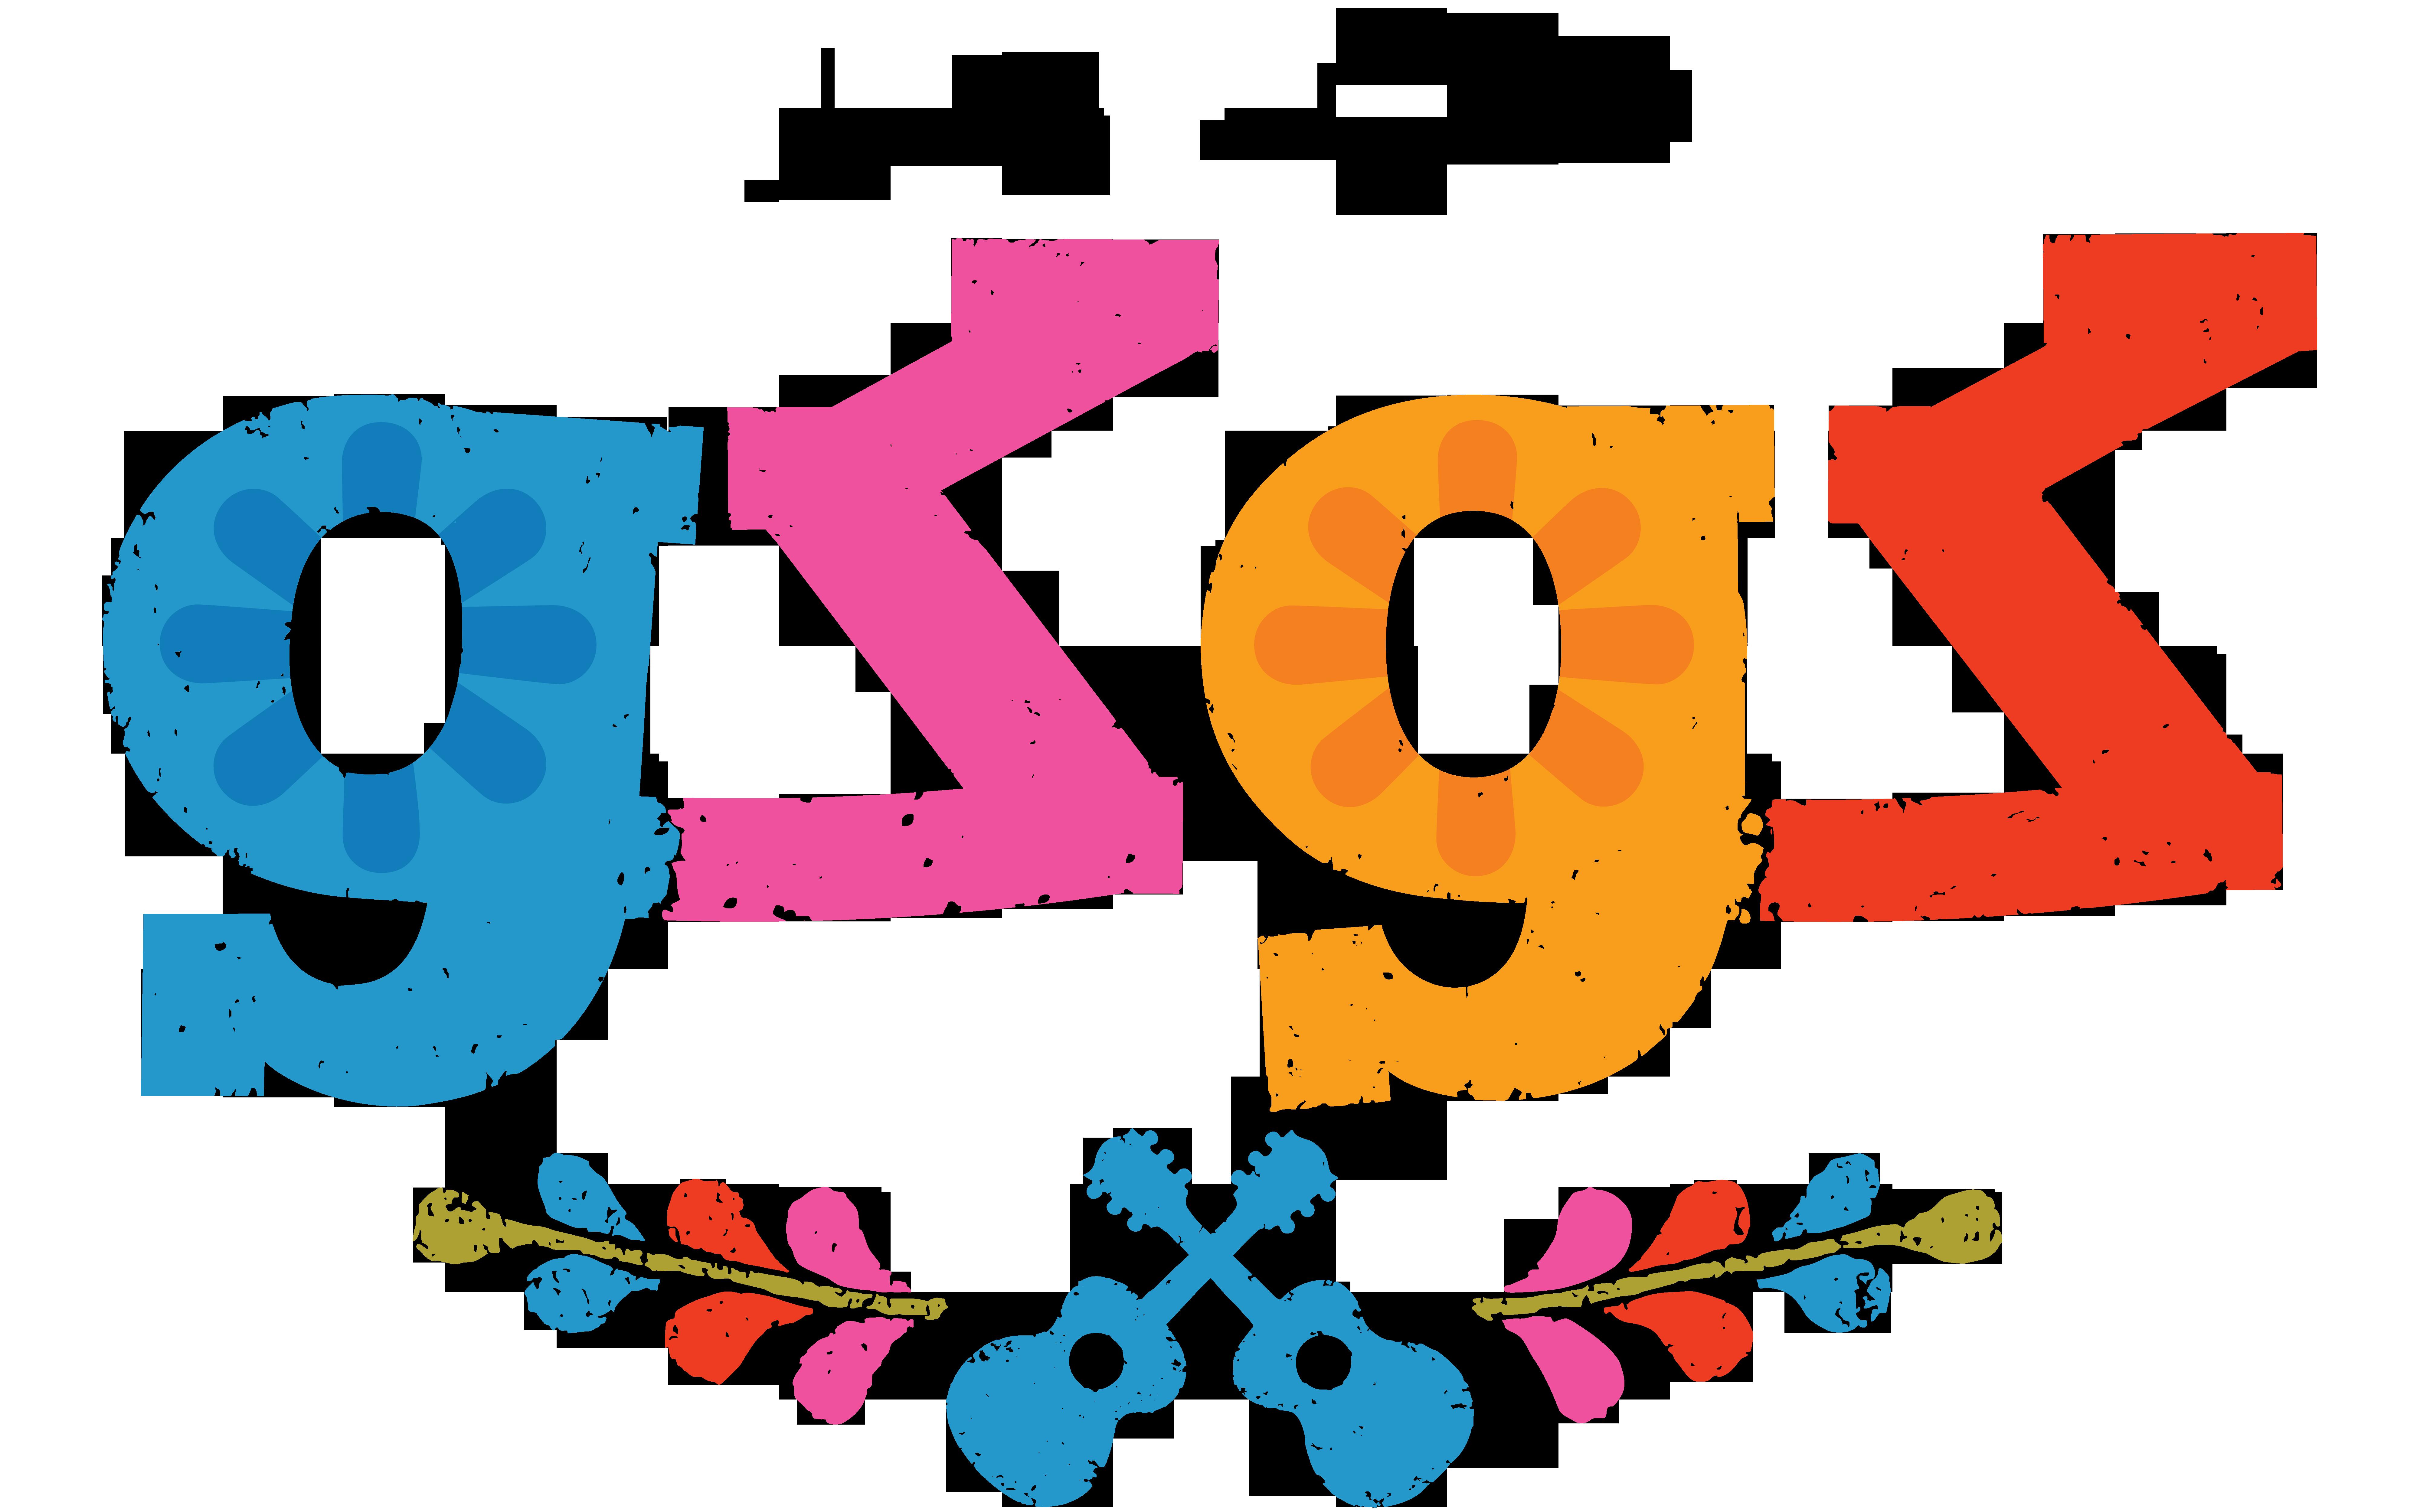 ディズニー ピクサー・アニメーション・スタジオ coco logo شعار فيلم كوكو